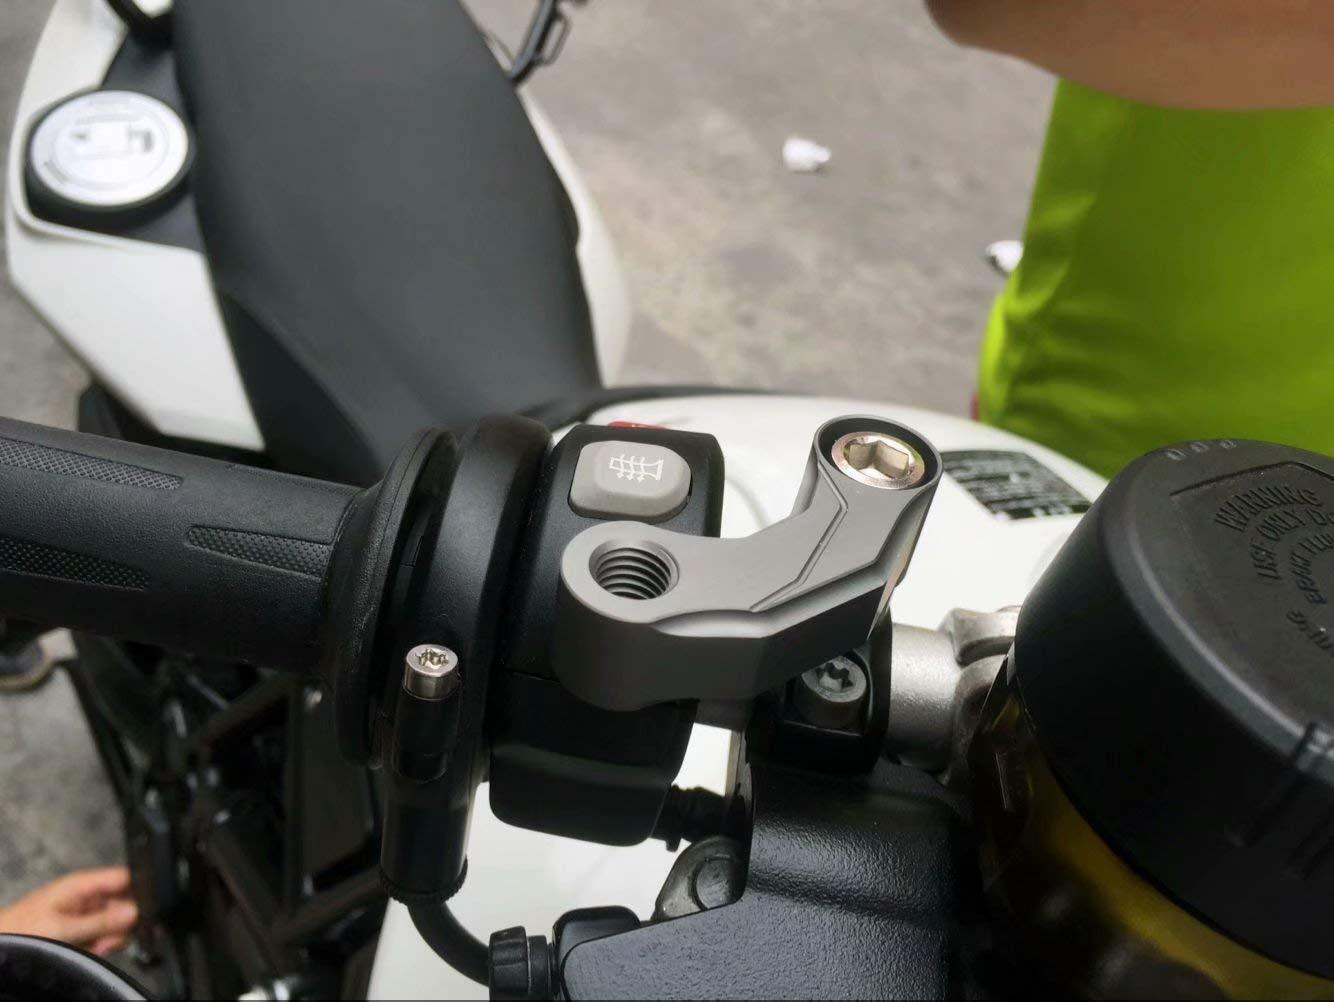 Moto specchio adattatore di estensione per BMW R1200/GS LC Adventure 2013/ /2016